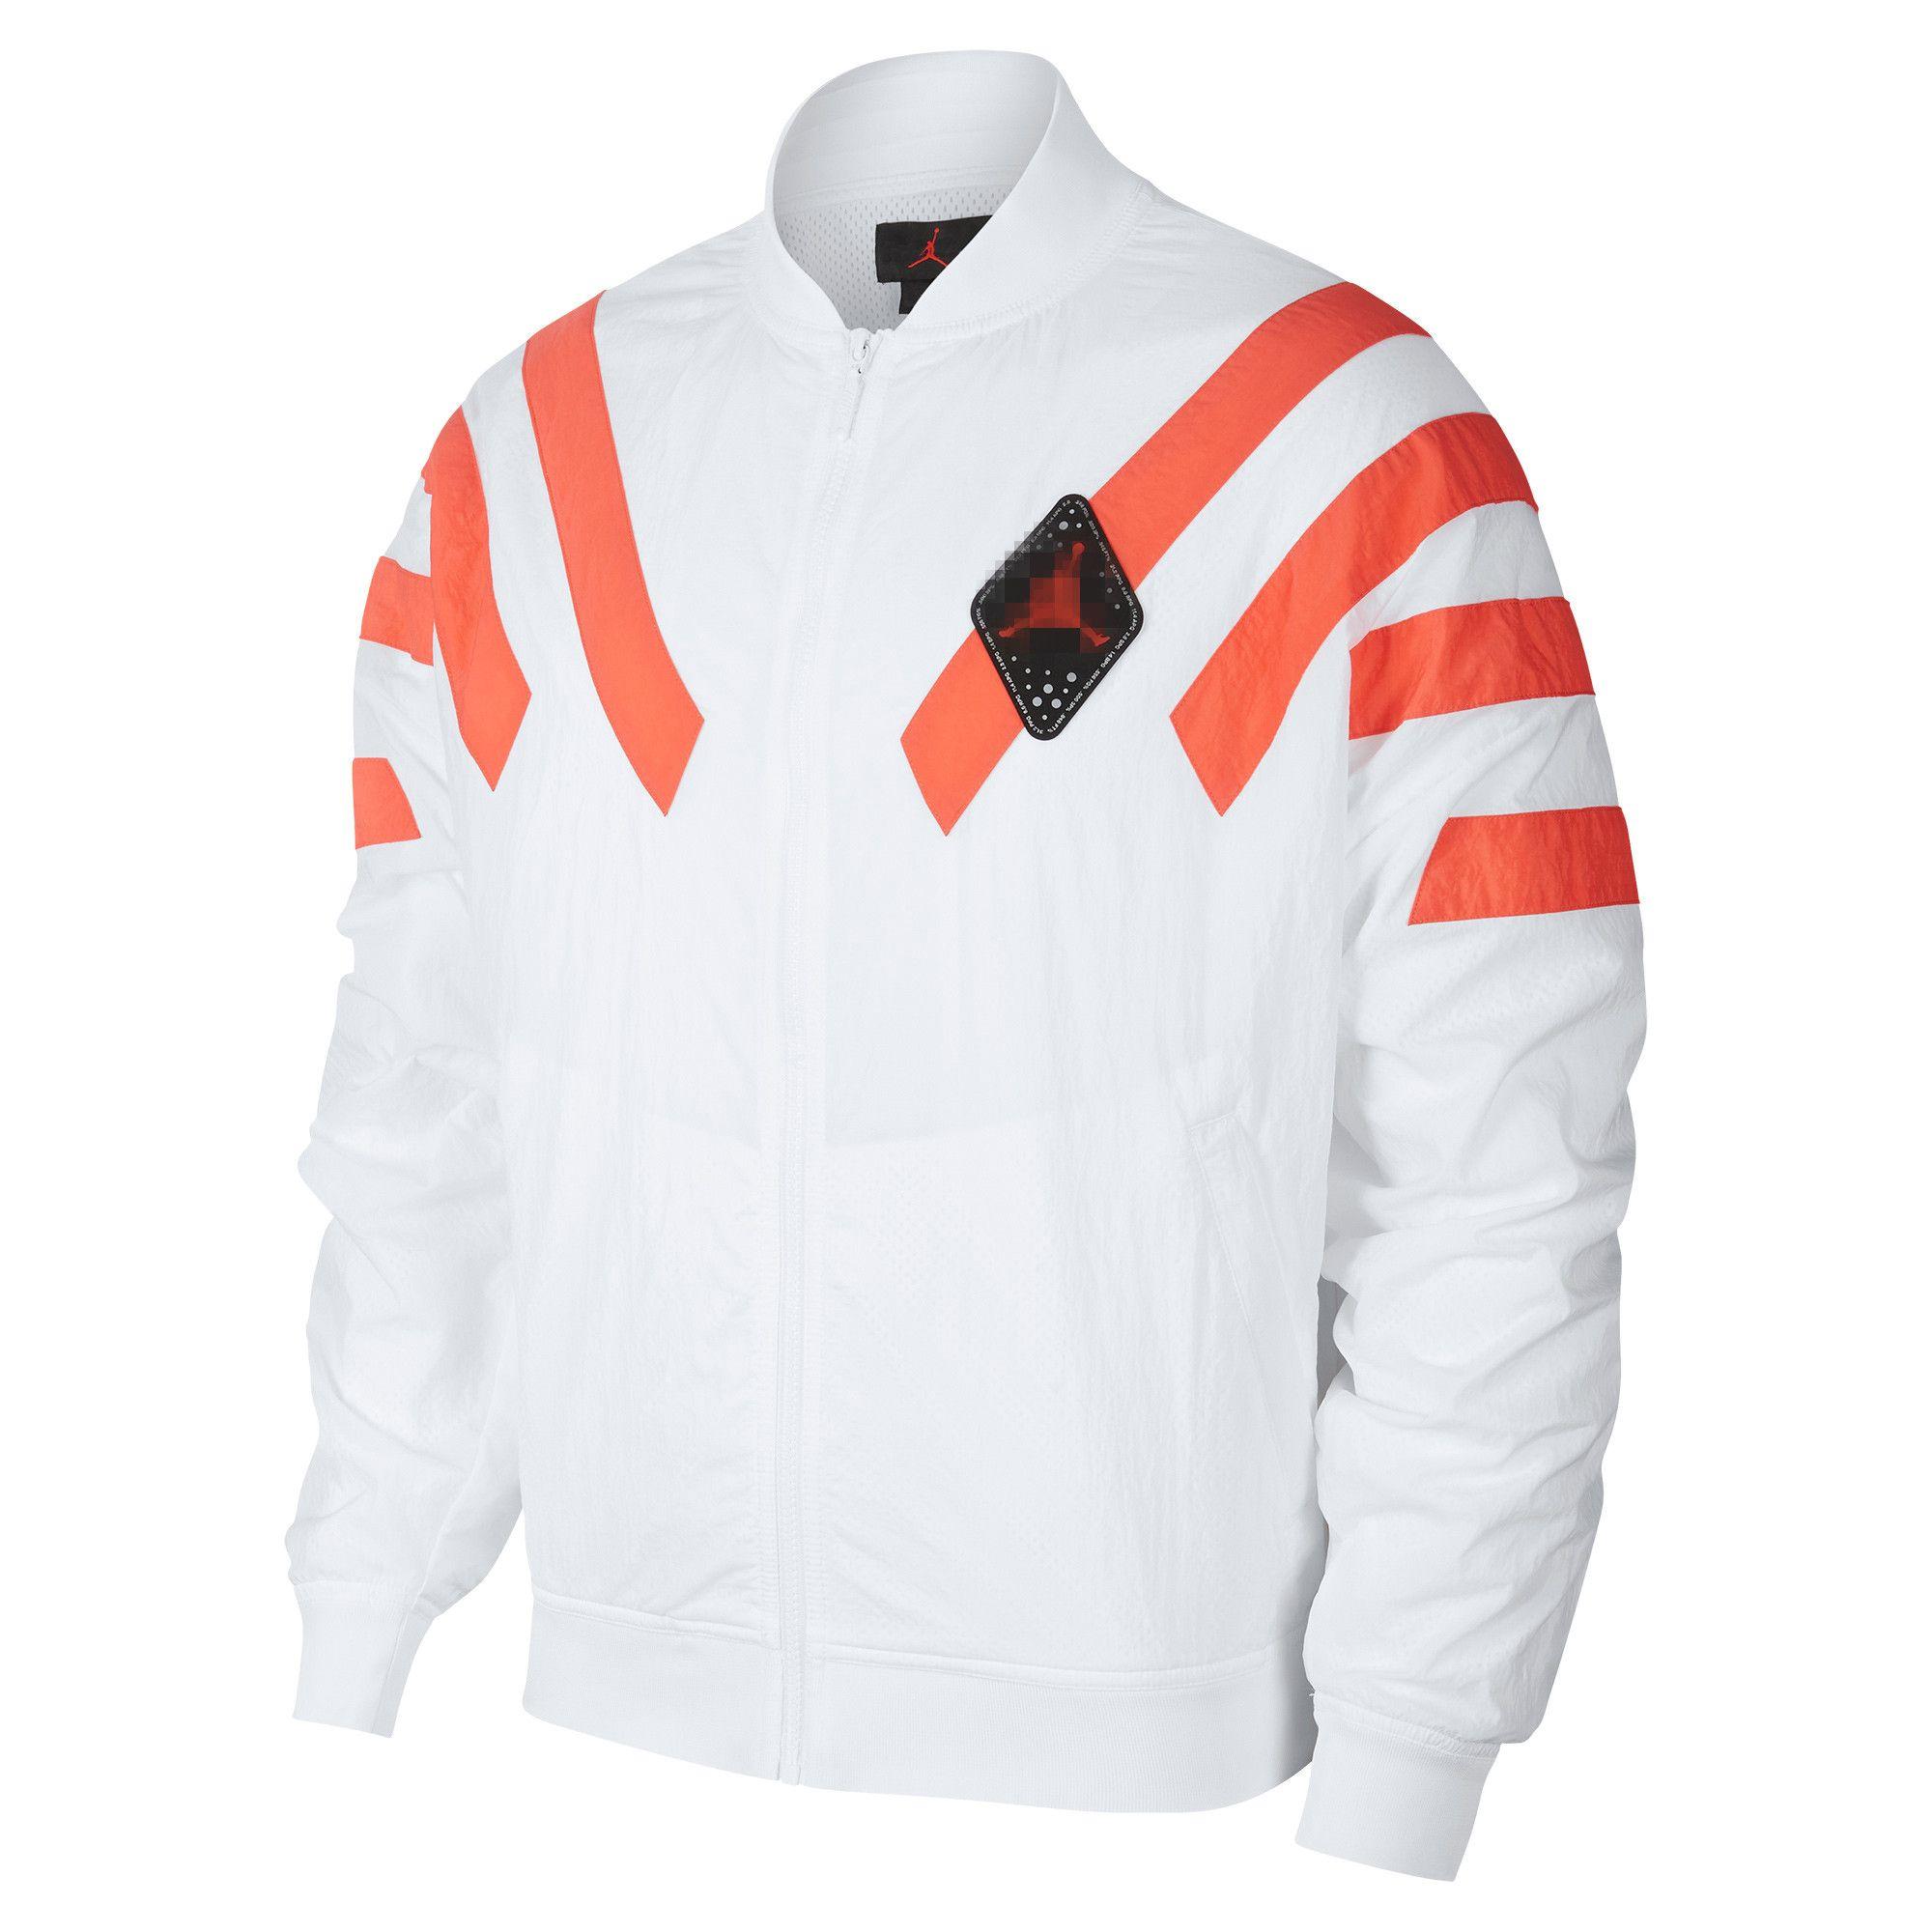 Giacche firmate oversize di marca di marca Streetwear bianco nero maglione cappotto cappotto cerniera felpe con cappuccio sport sottile capispalla sportiva Batwing-B100028L